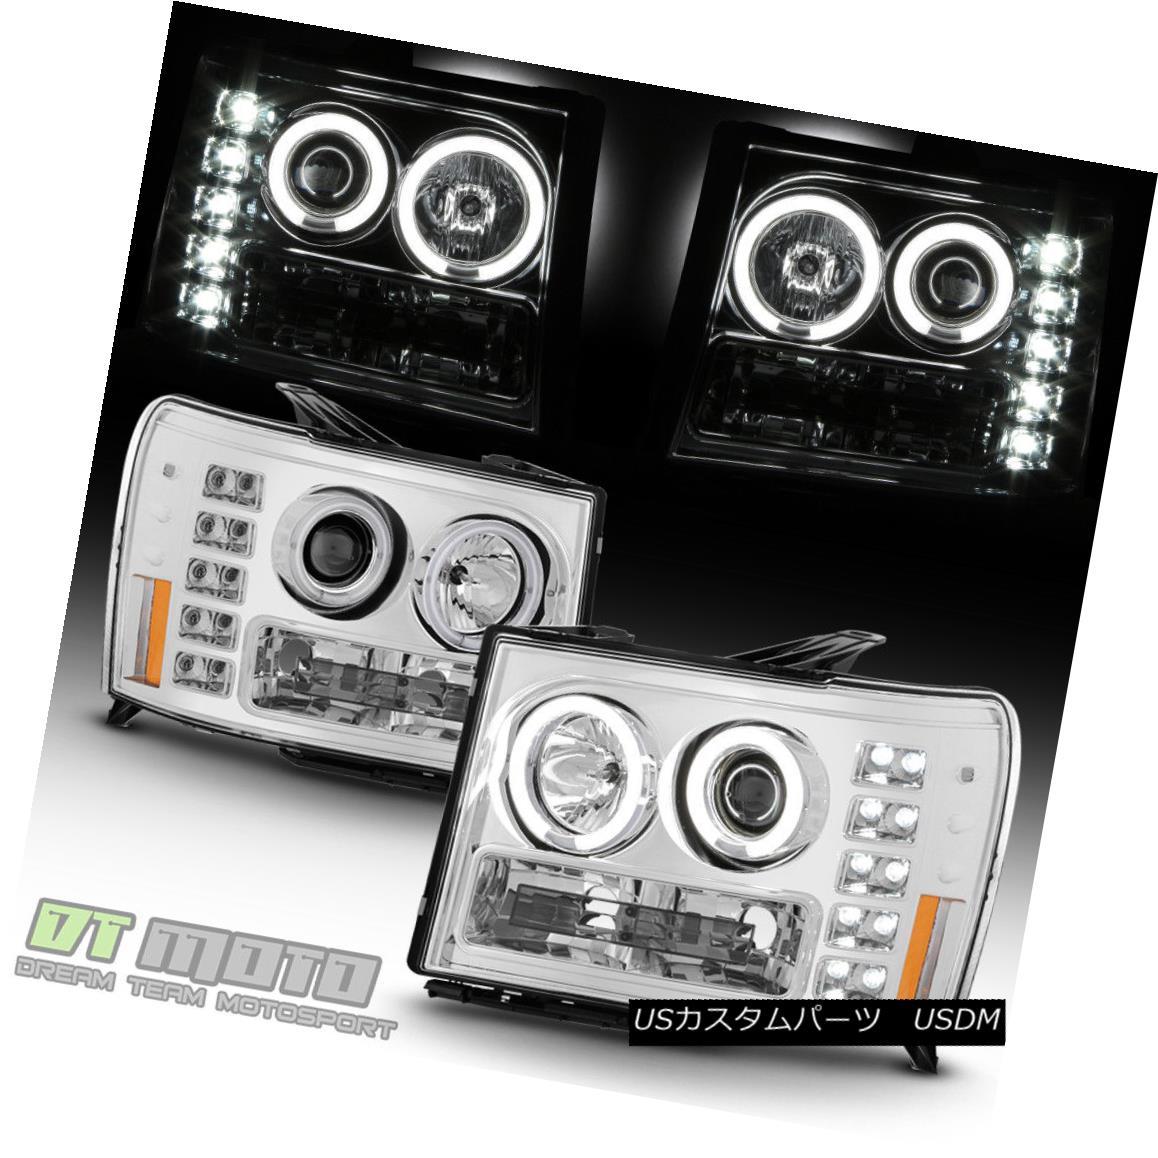 ヘッドライト 2007-2013 GMC Sierra 1500 2500HD 3500HD LED CCFL Projector Headlights Headlamps 2007-2013 GMC Sierra 1500 2500HD 3500HD LED CCFLプロジェクターヘッドライトヘッドランプ